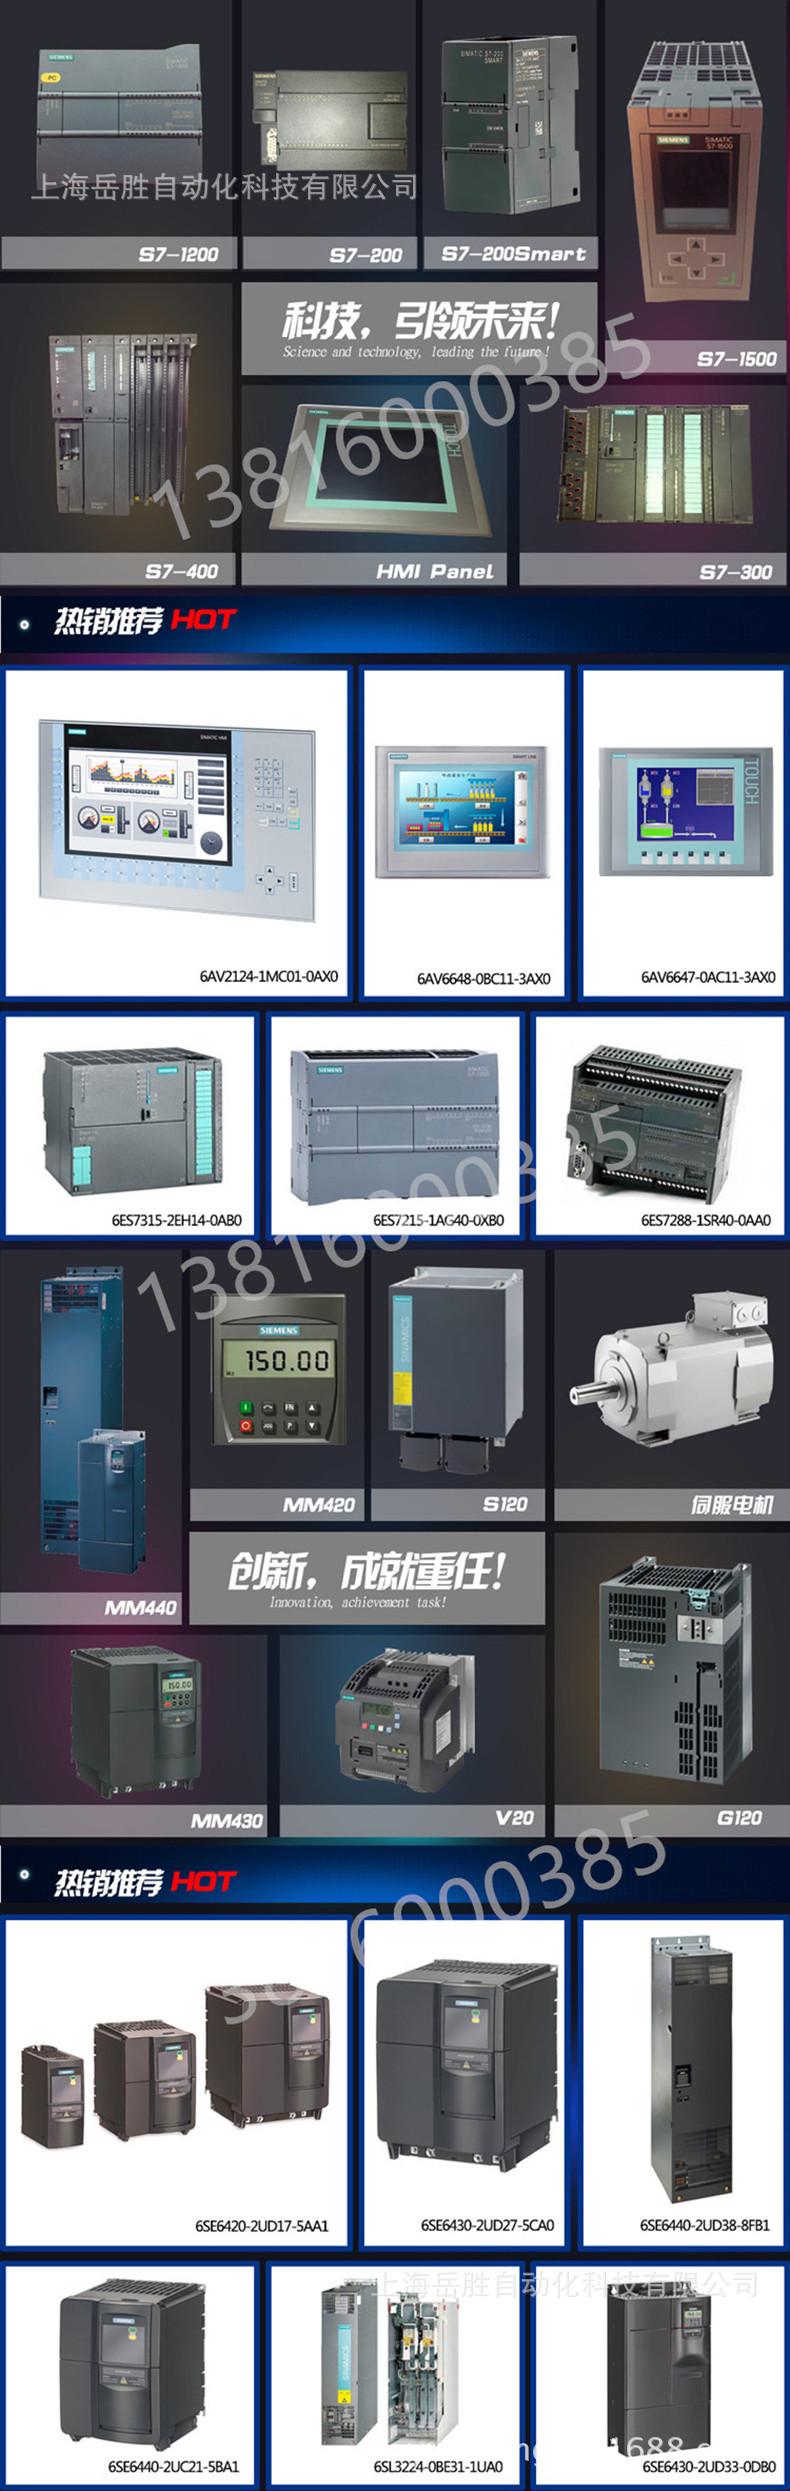 1P 6GK1901-1BB30-0AA0西门子RJ45插头6GK1 901-1BB30-0AB0 0AE0示例图9